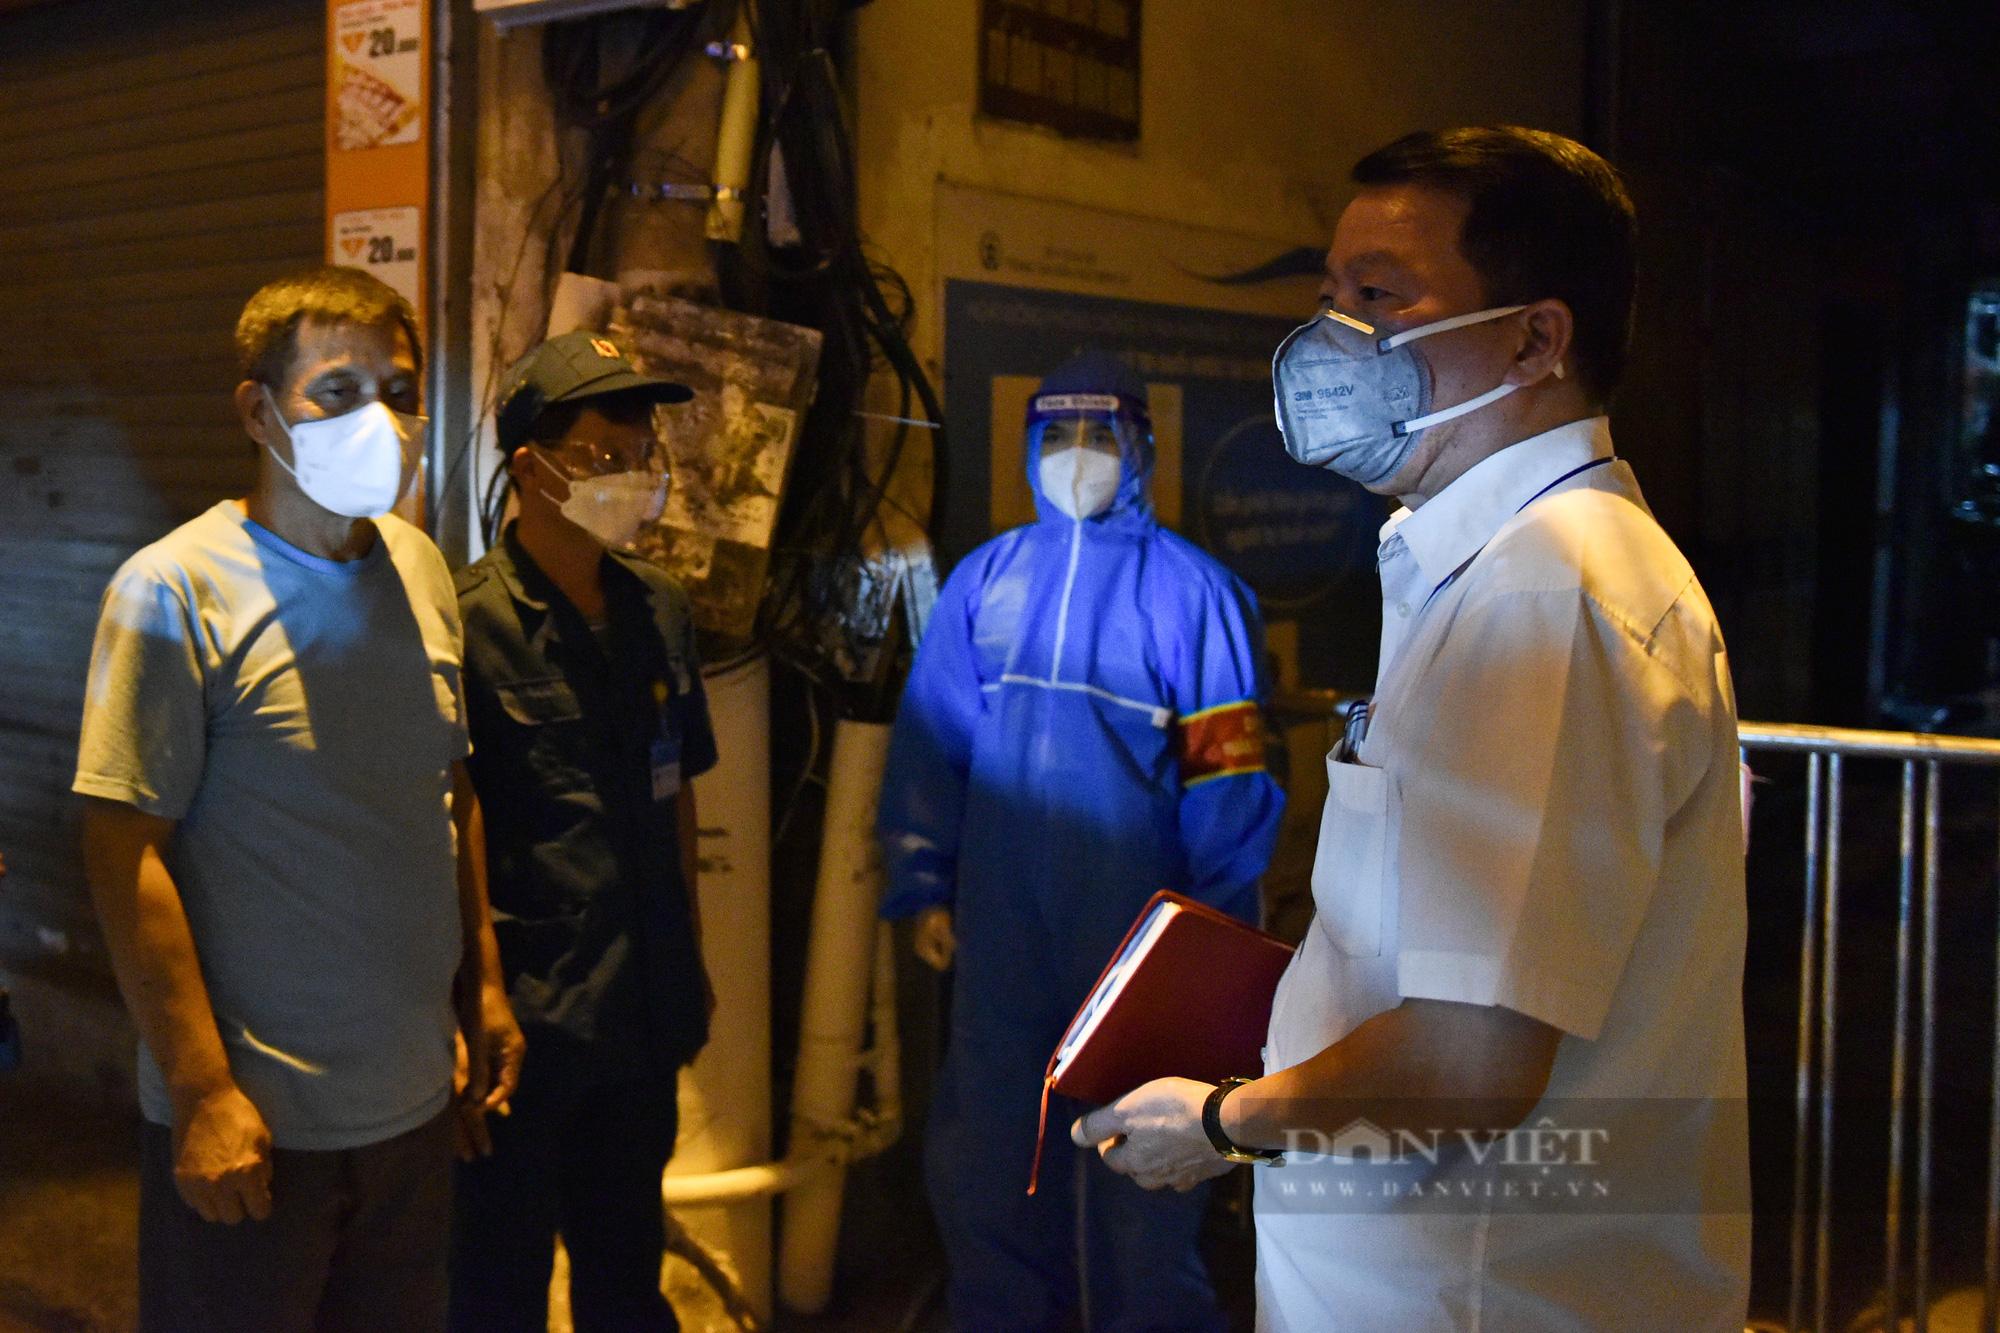 Hà Nội: Dỡ bỏ cách ly y tế với hơn 300 người dân tại phường Chương Dương - Ảnh 6.